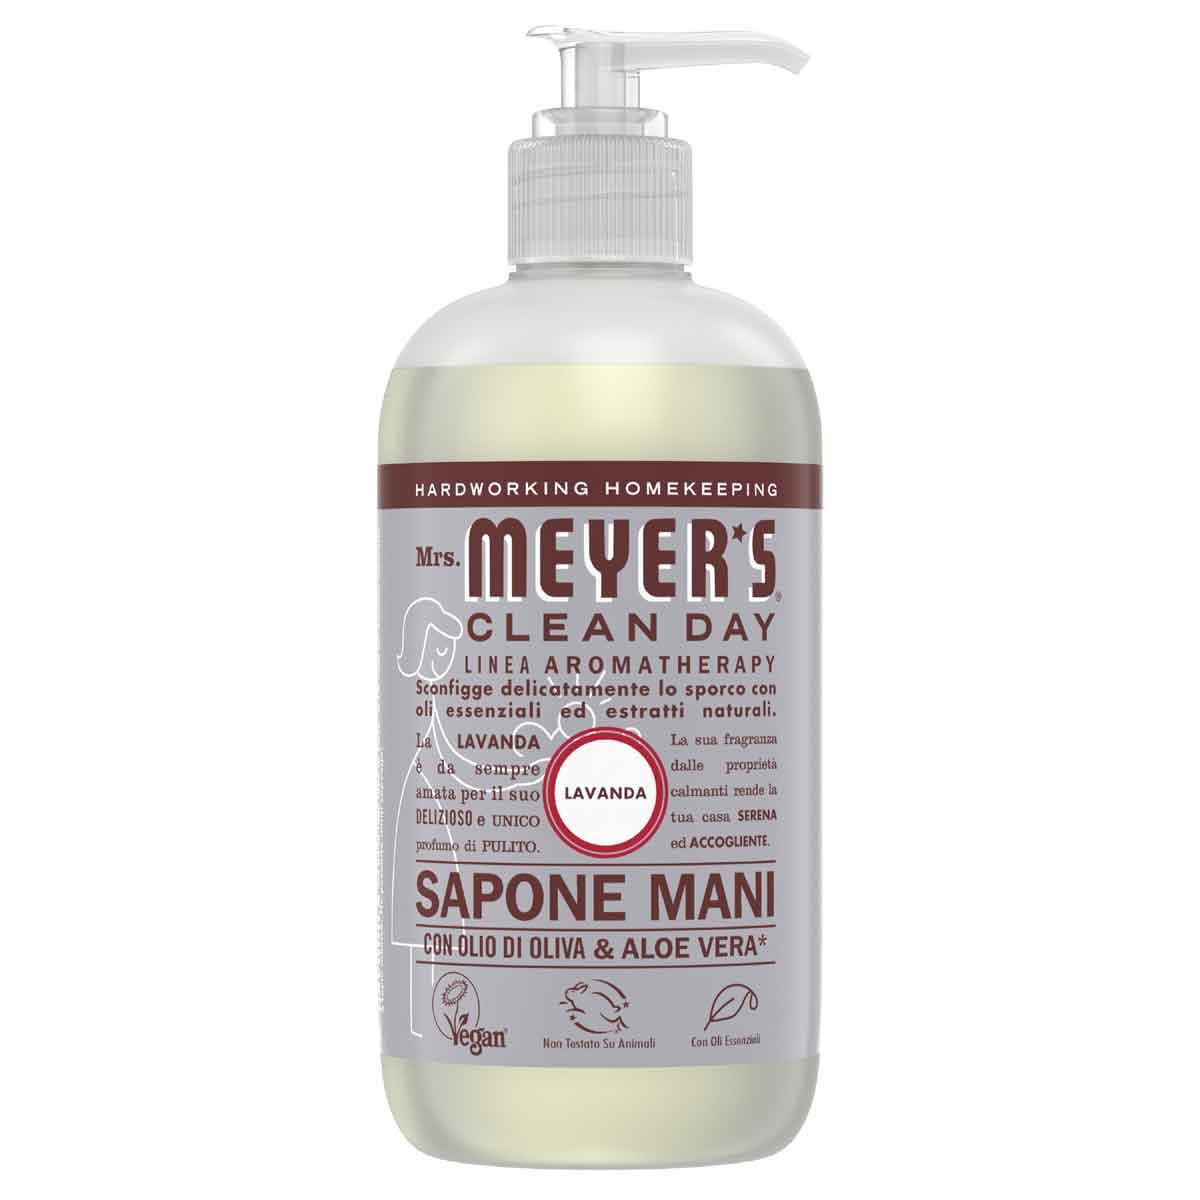 Mrs. Meyer's Sapone liquido per le mani Lavanda